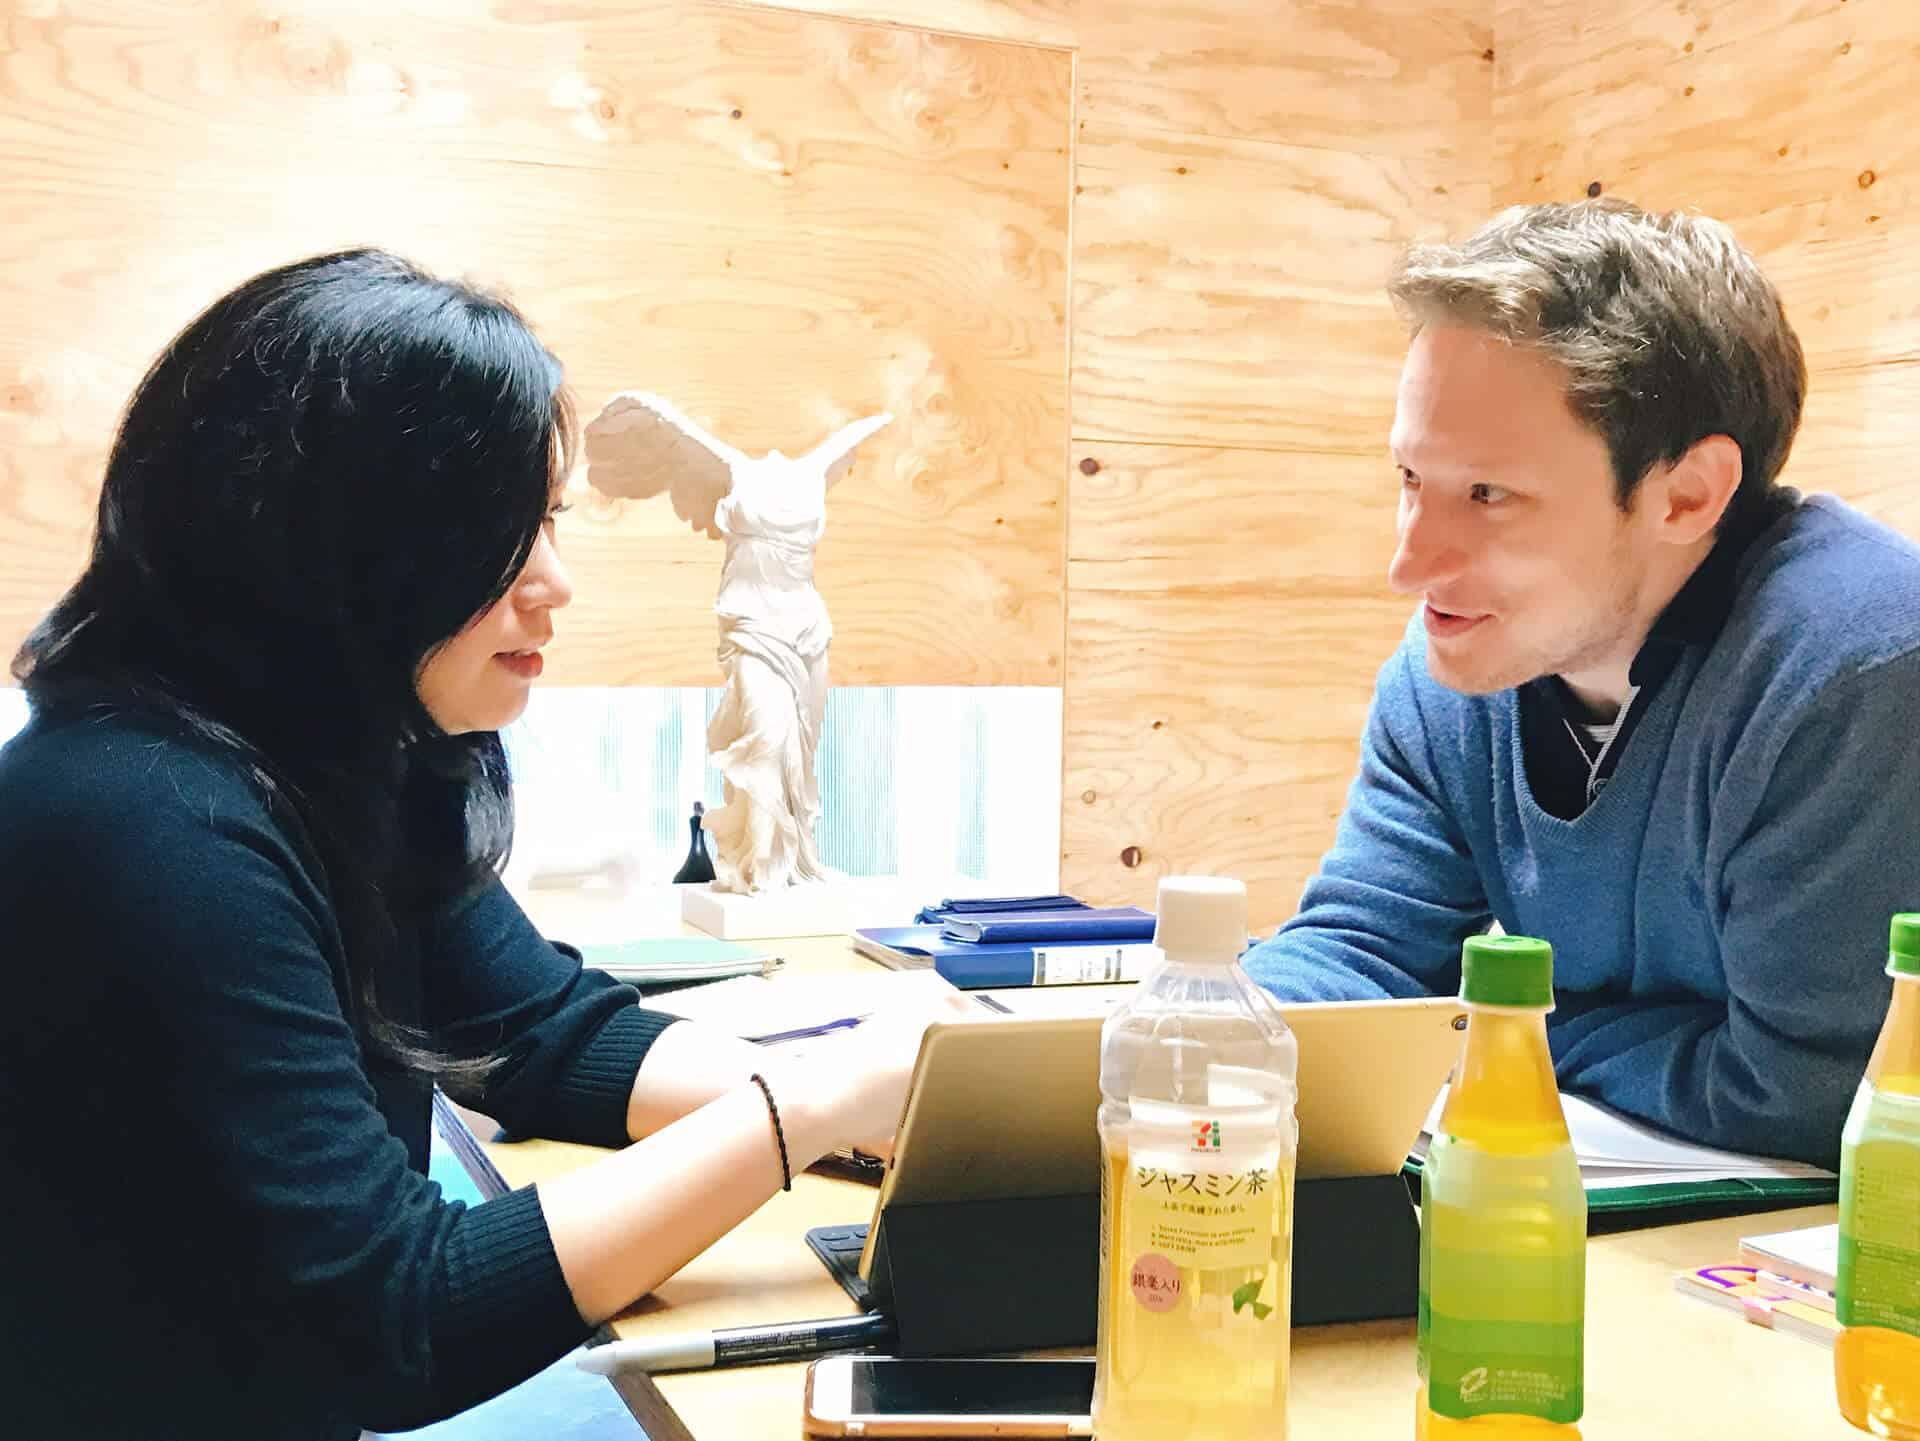 ビヨンドビジネス英会話 海外で事業をスムーズに行えるように練習しています